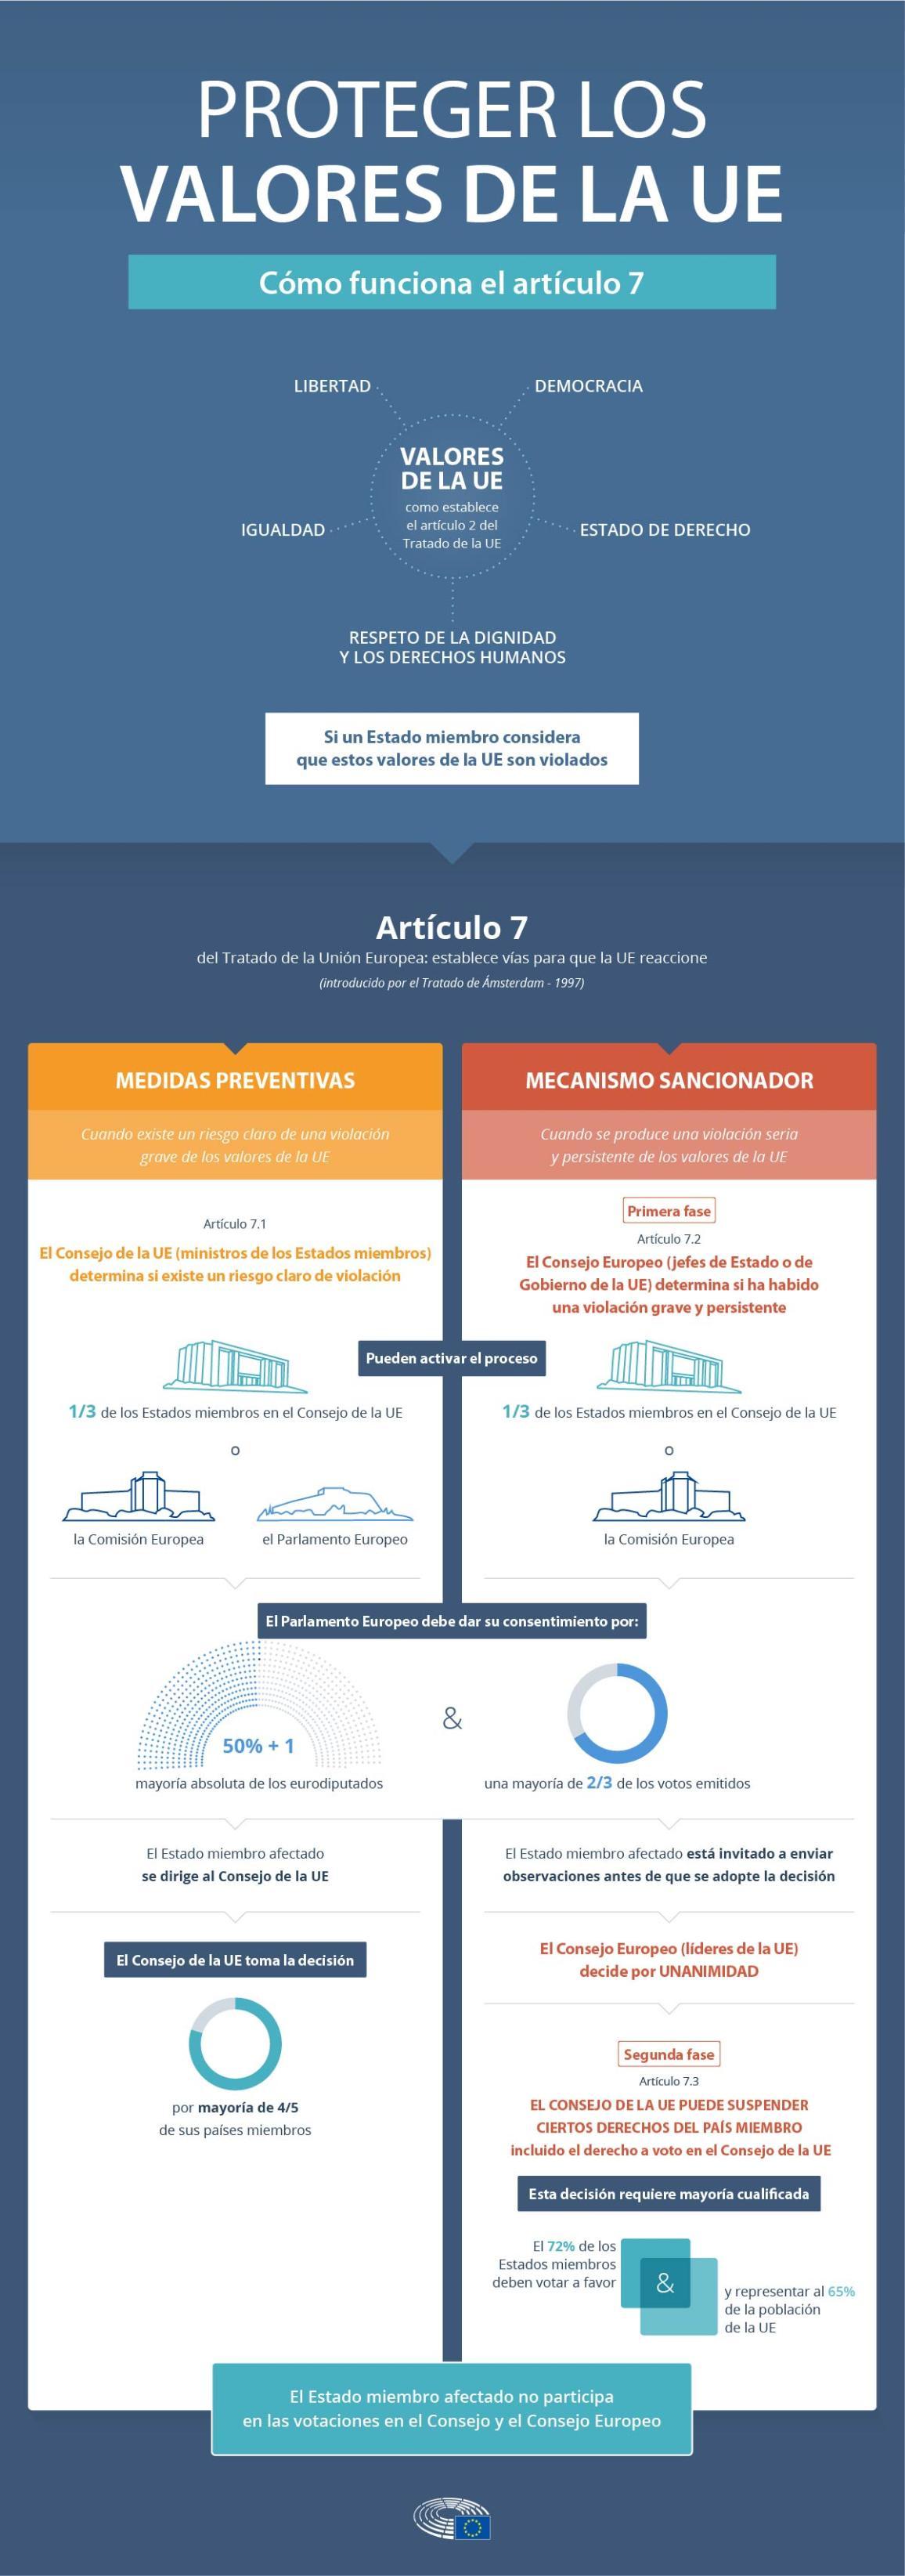 Infografía sobre el funcionamiento del artículo 7